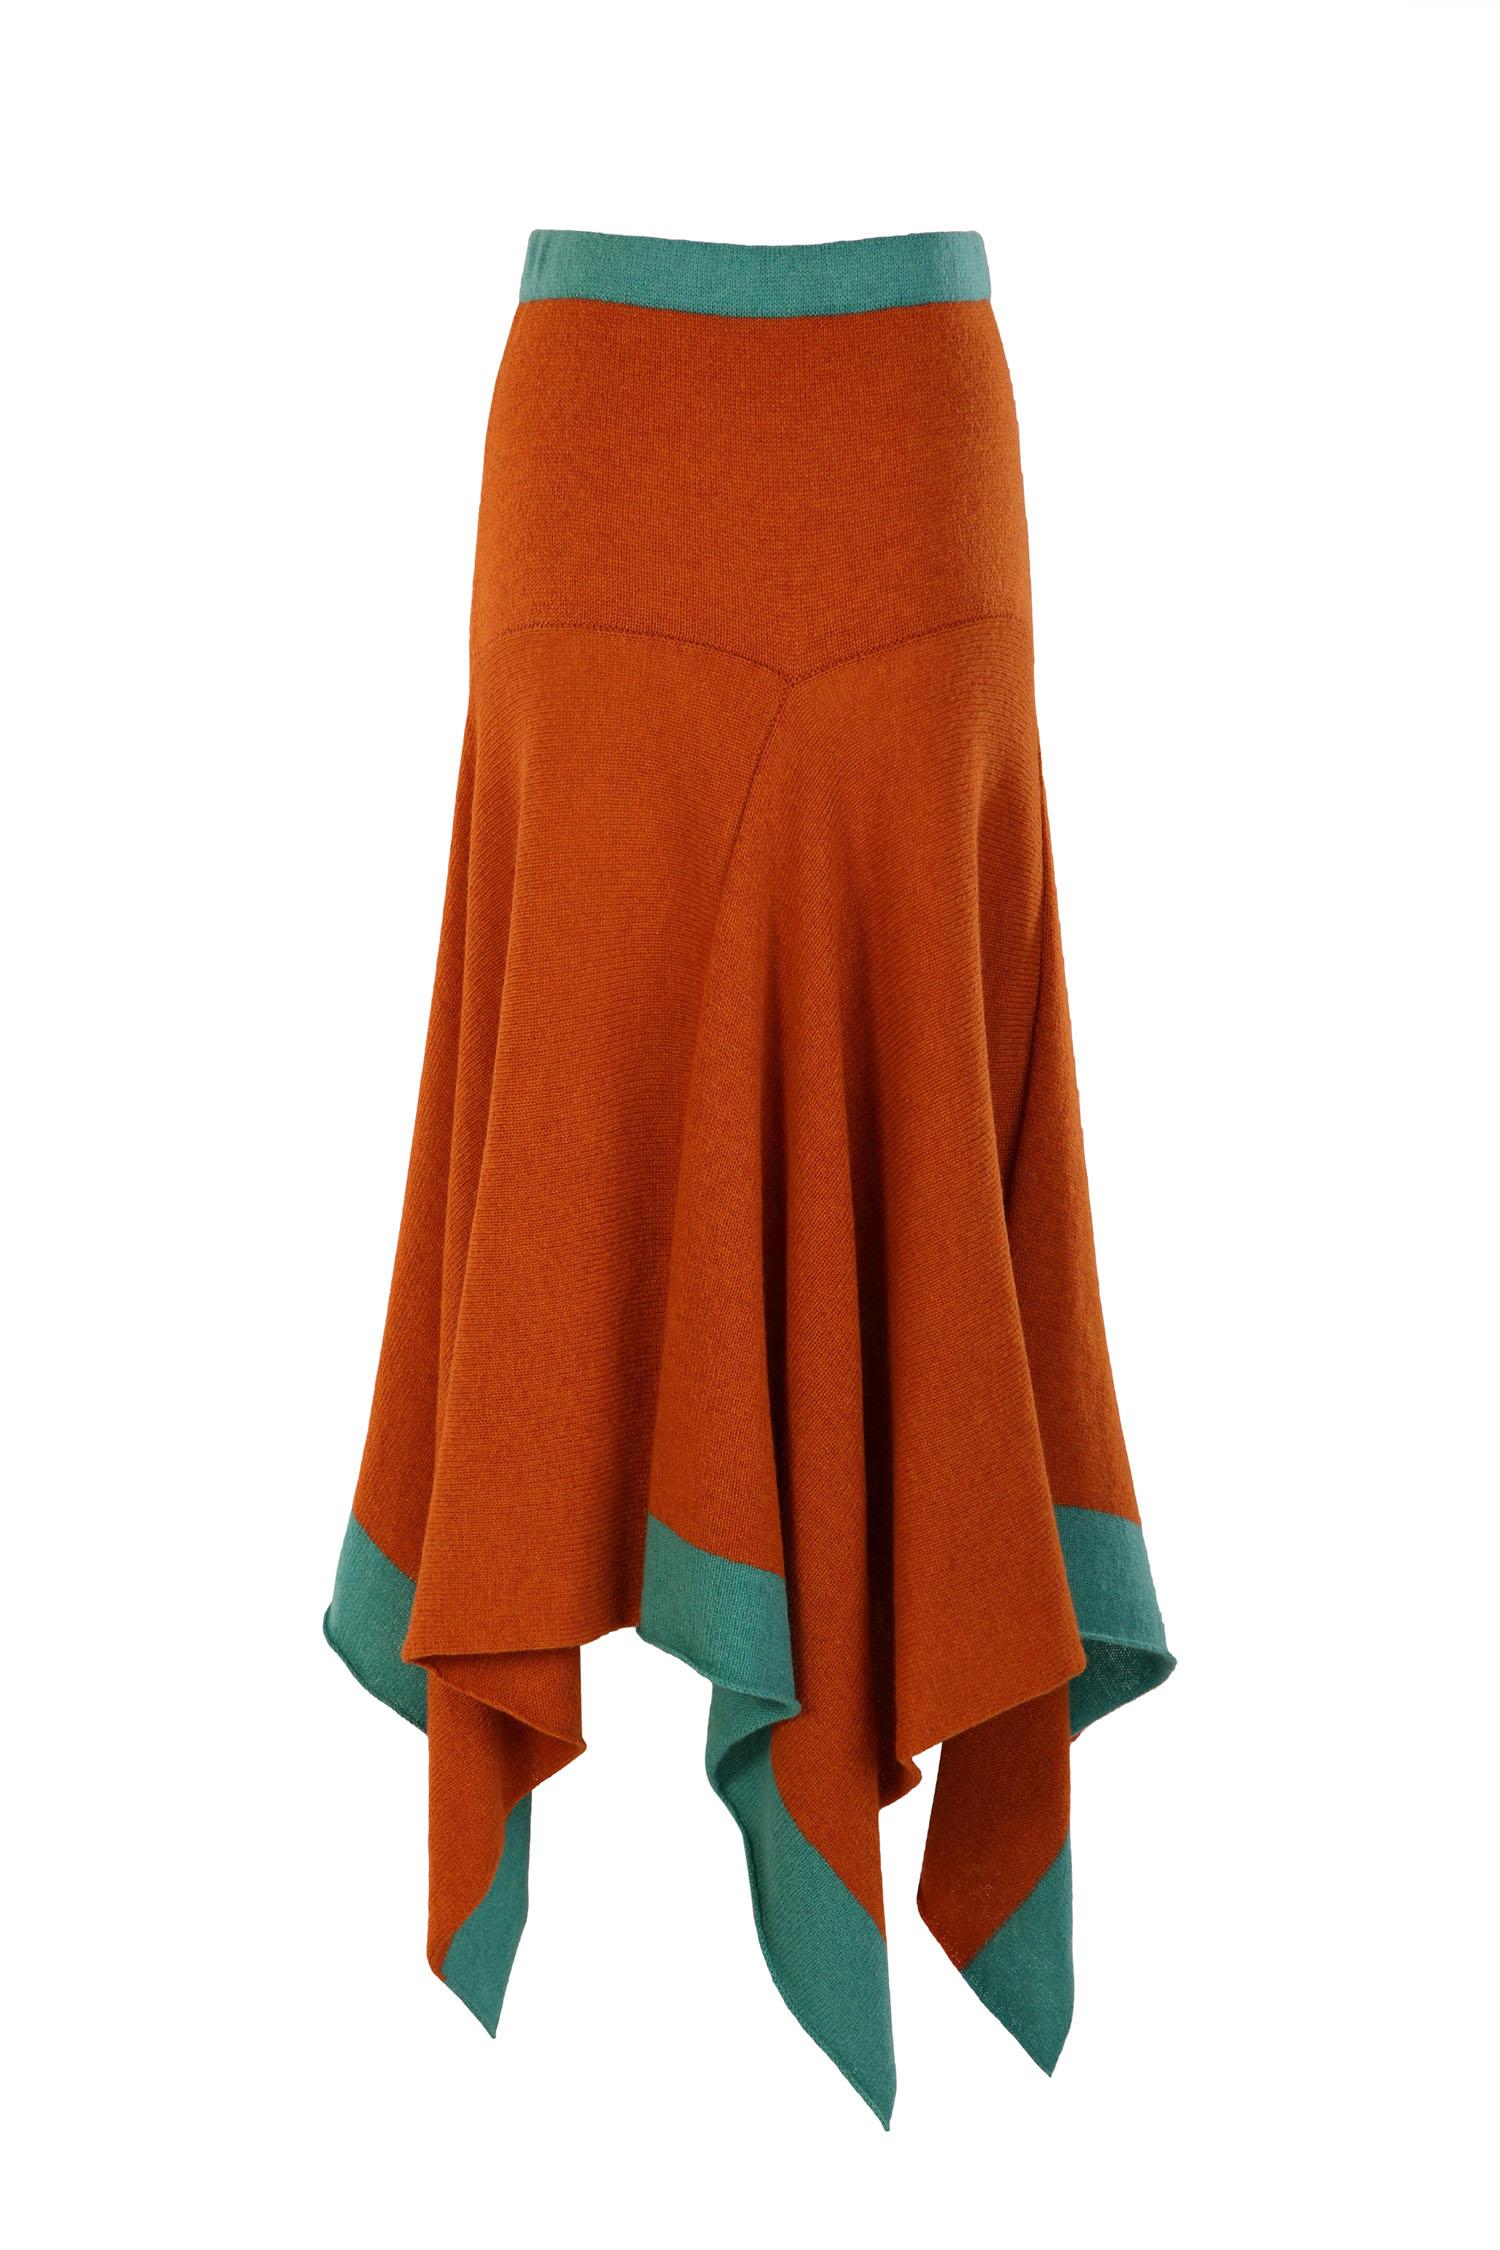 Stripe skirt2